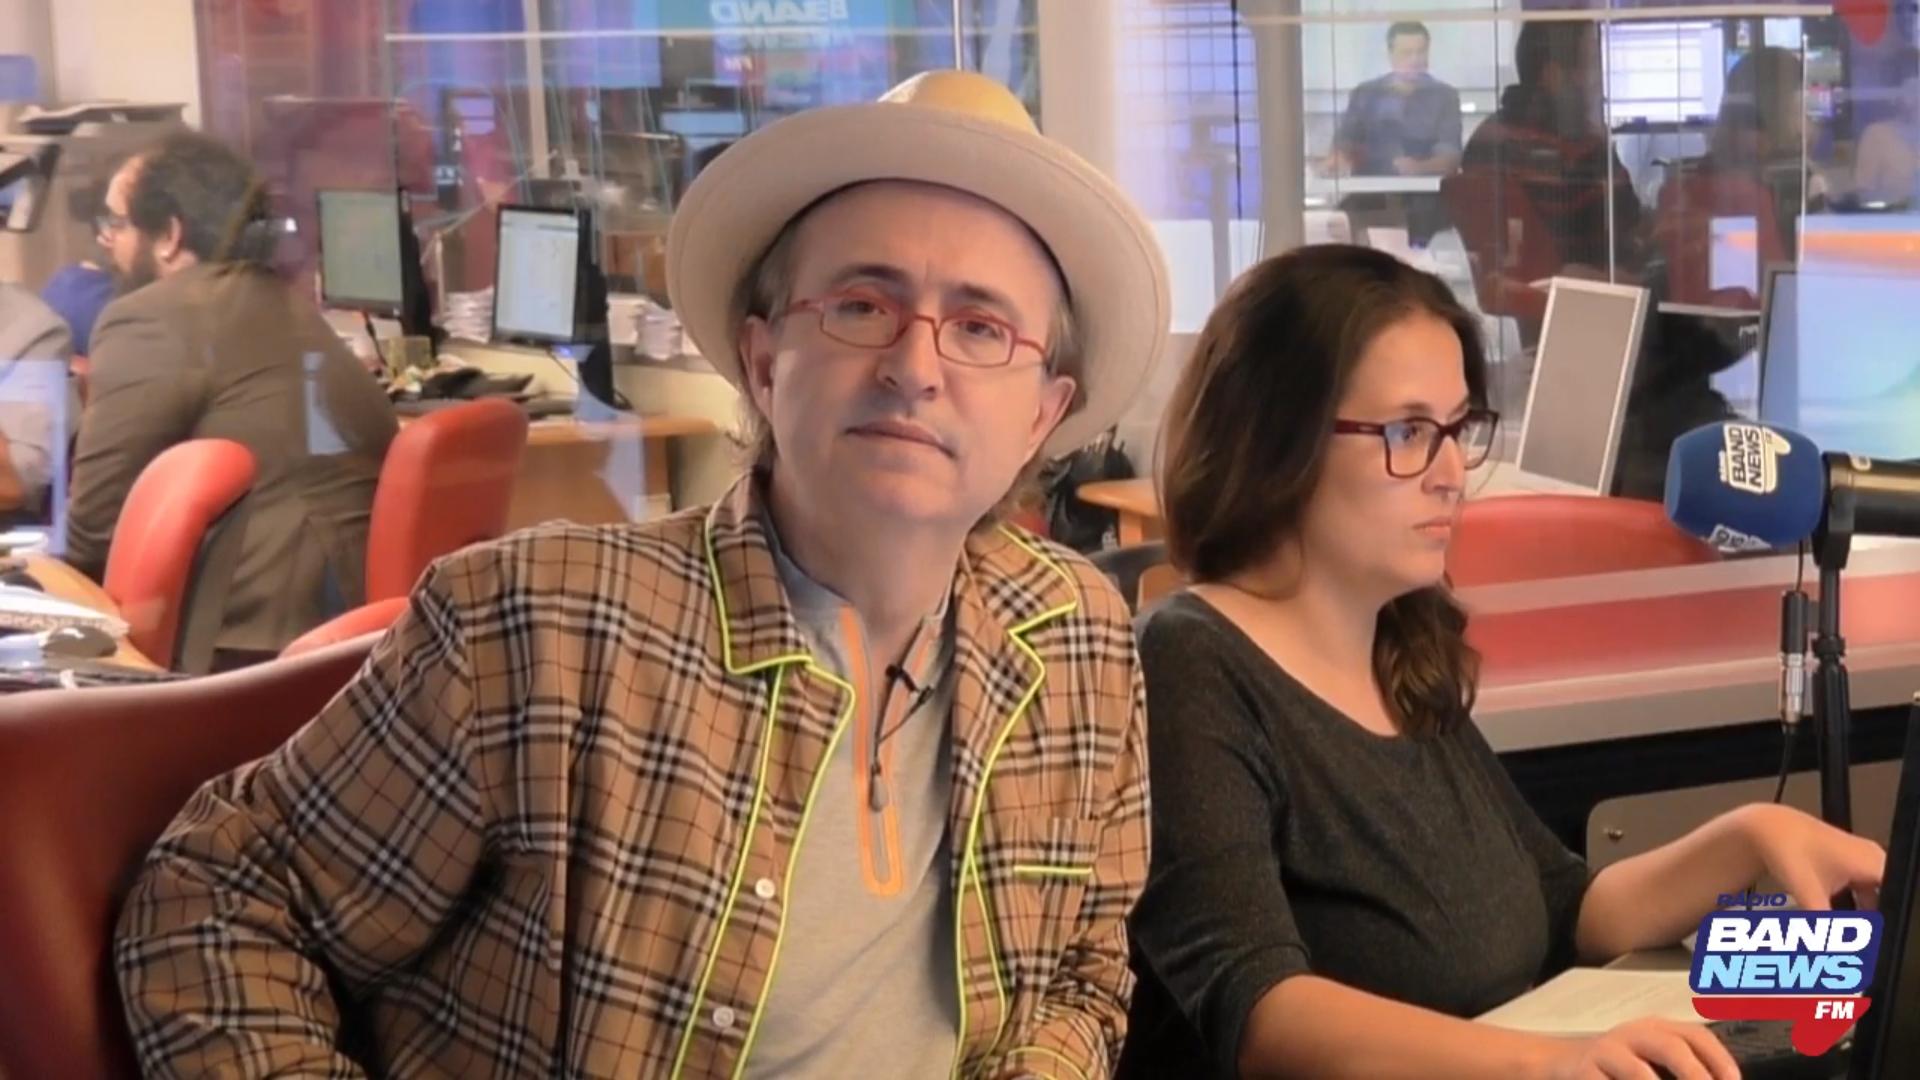 Reinaldo Azevedo: 'O Ué da Coisa' pode superar 'O É da Coisa' em audiência. Foto: Reprodução/BandNews FM